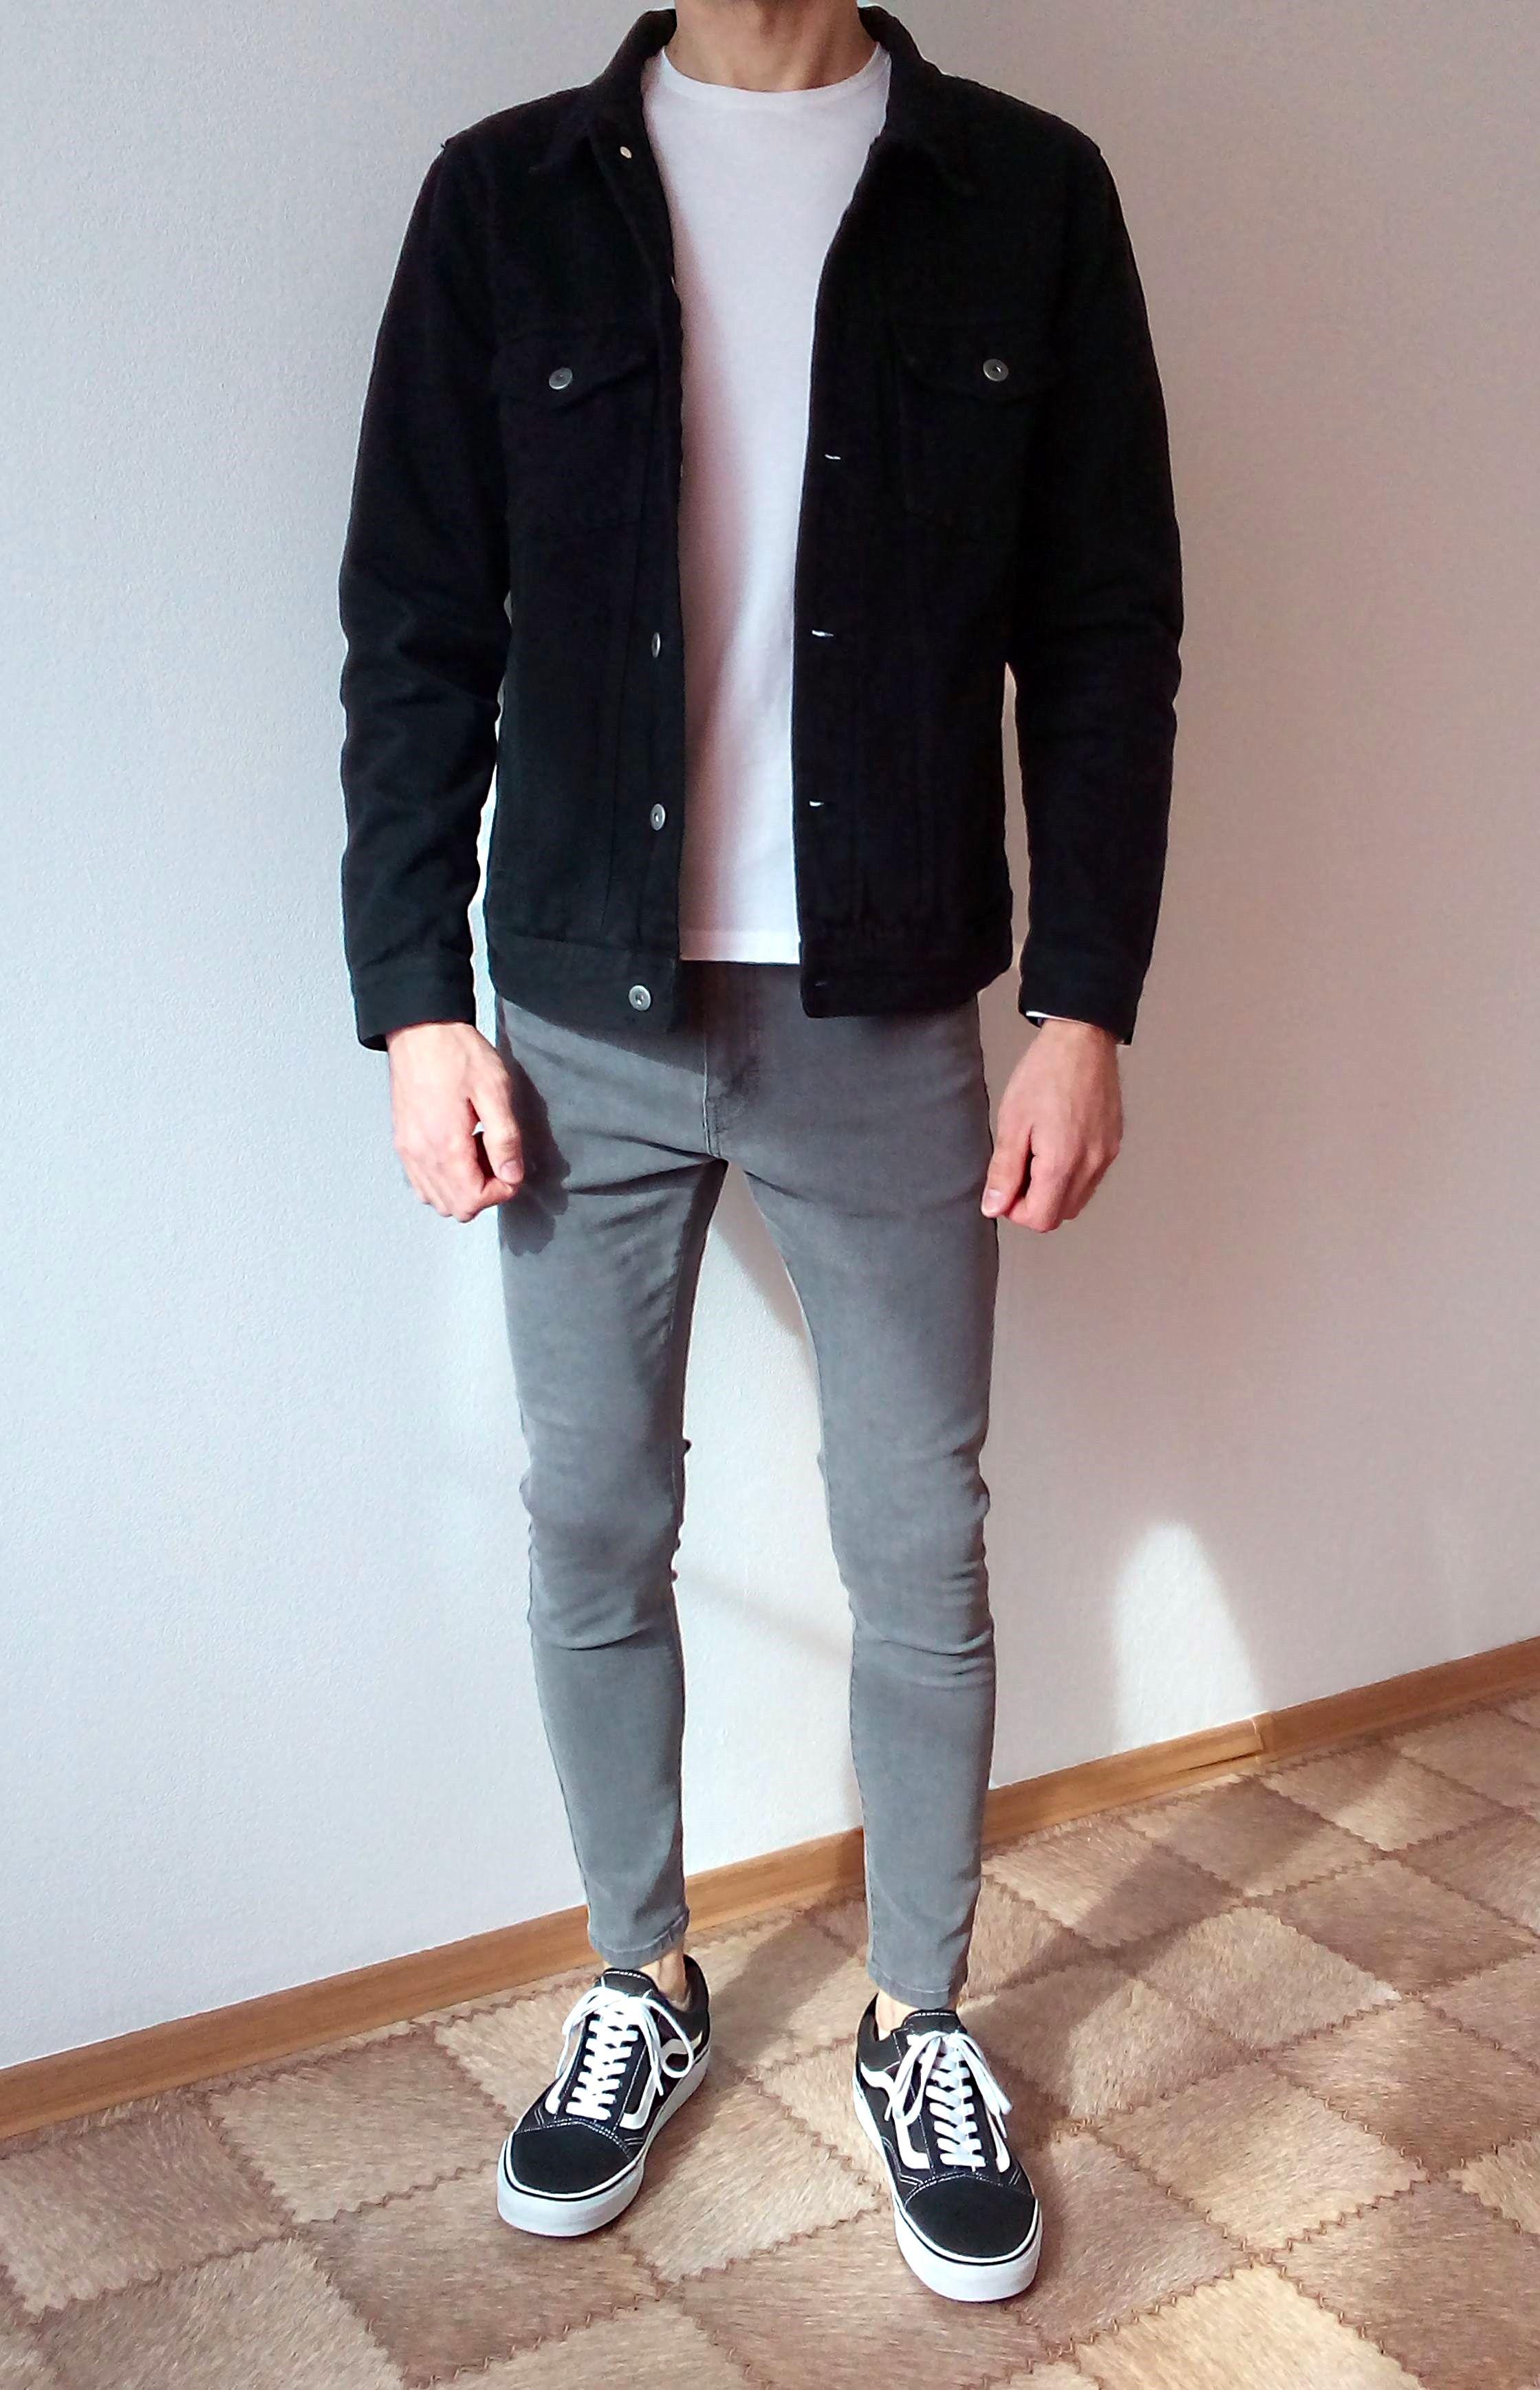 vans old skool skinny jeans boys guys